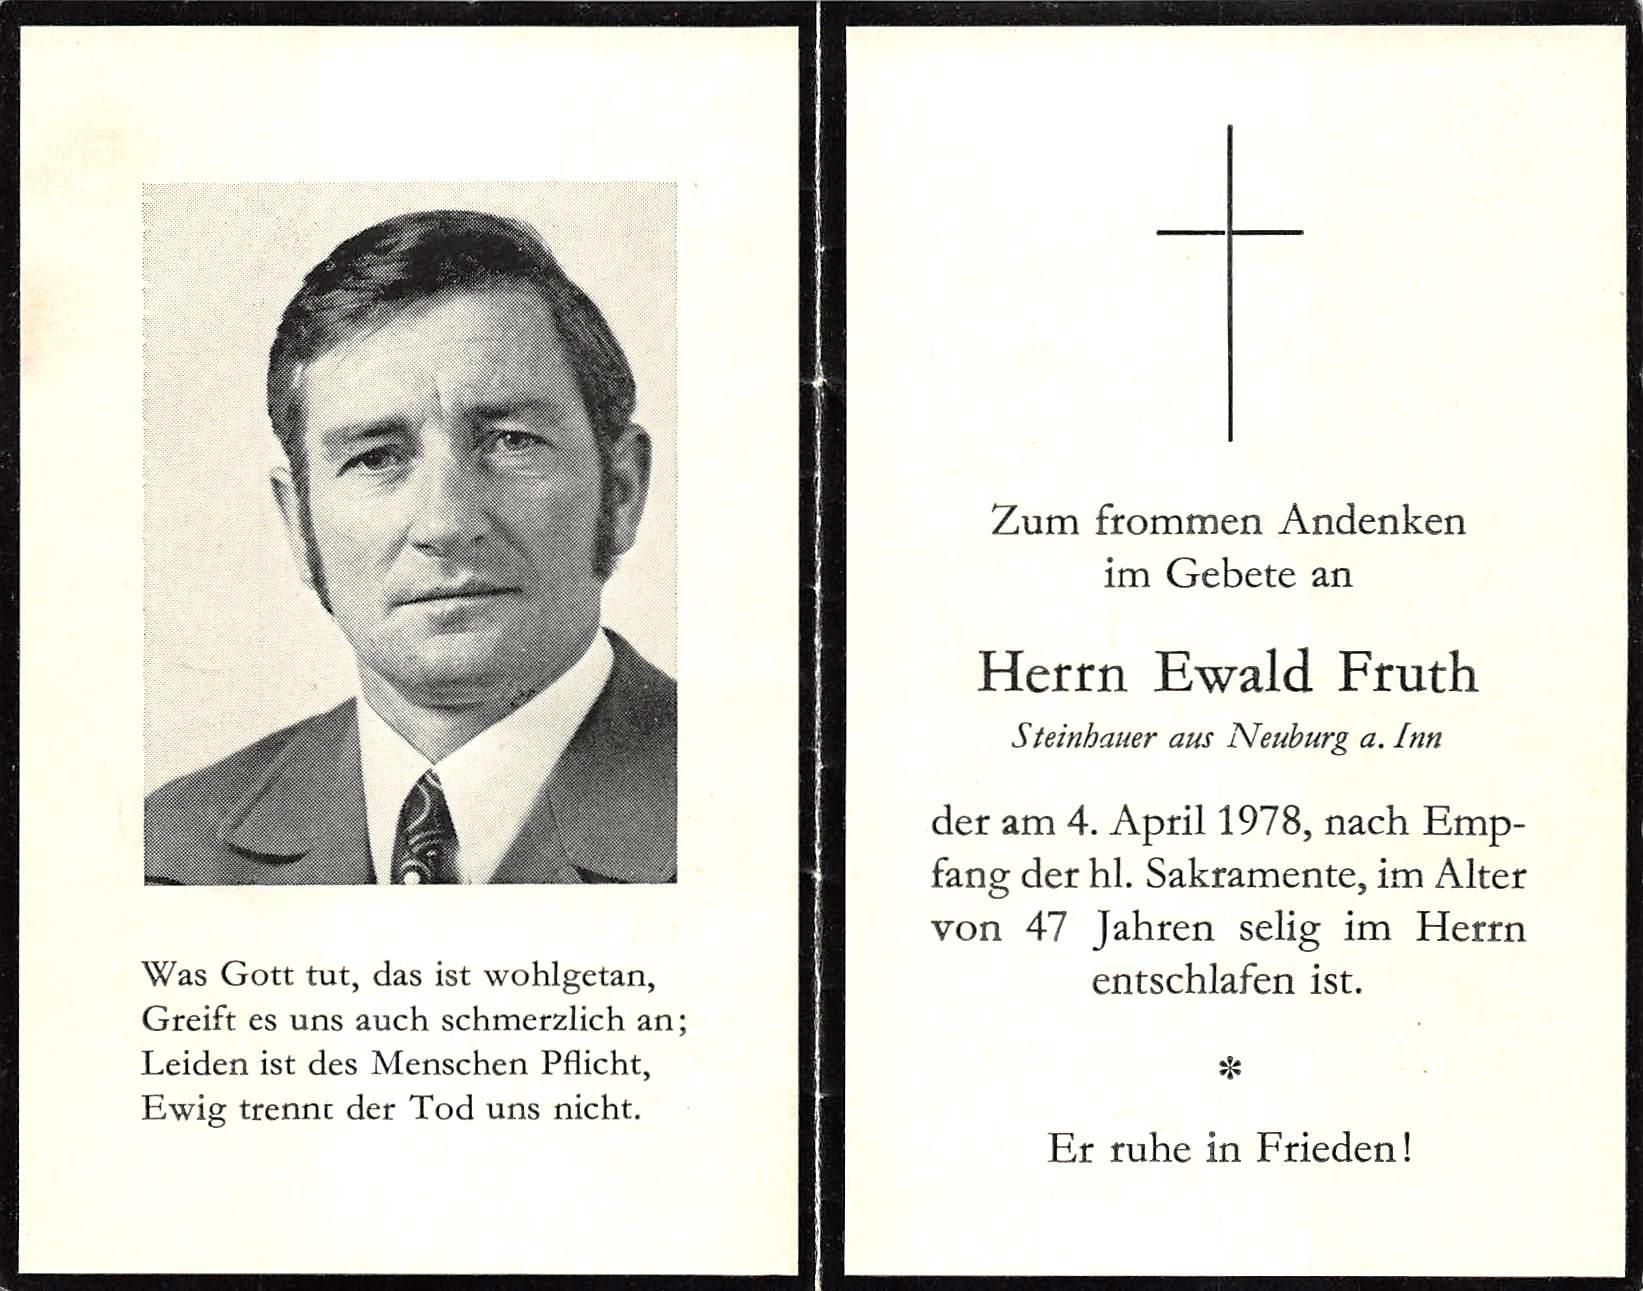 1978-04-04-Fruth-Ewald-Neuburg-a.-Inn-Steinhauer